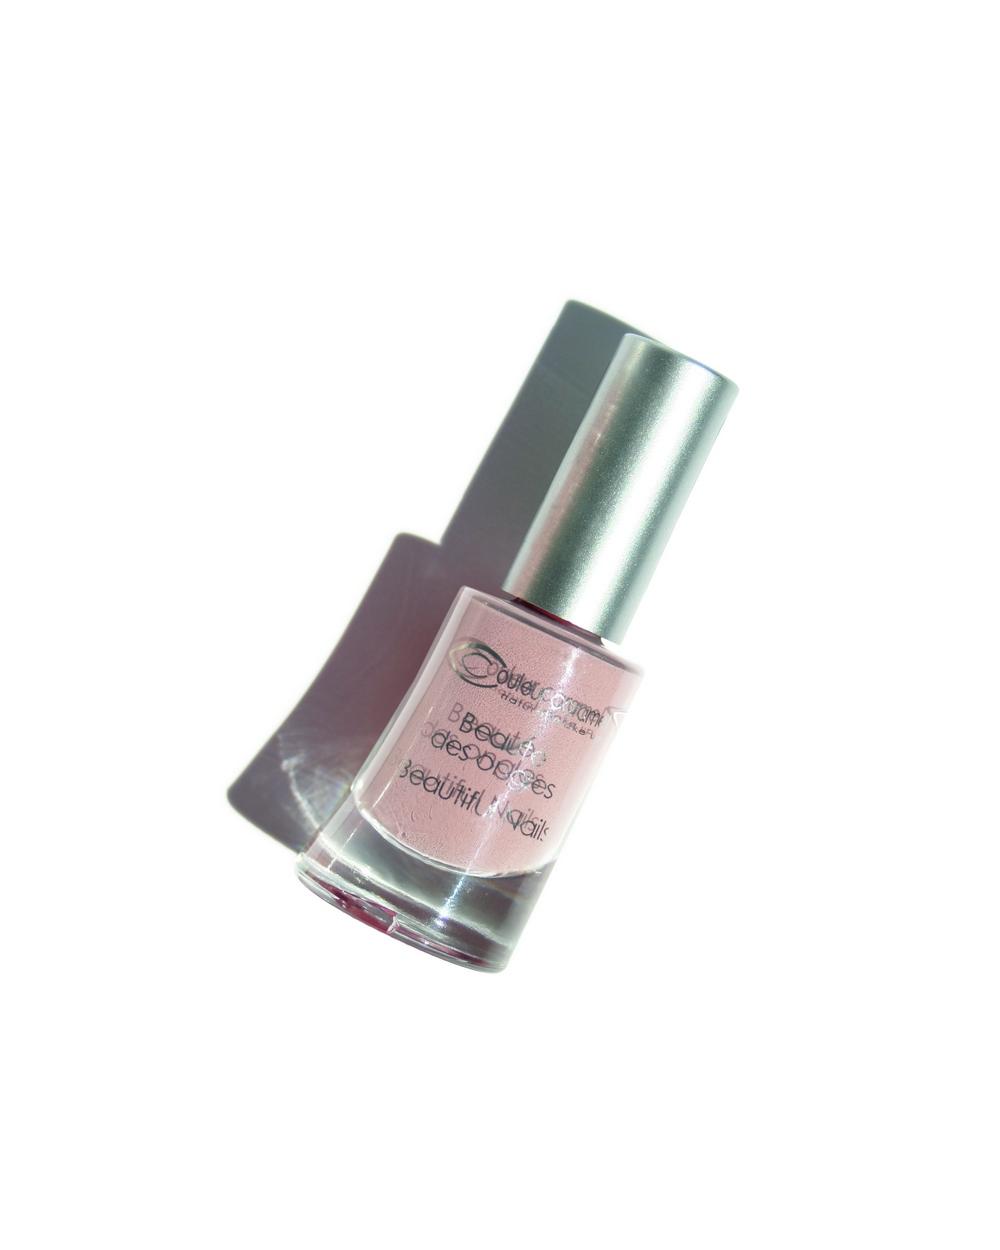 Vernis a ongles rose nu couleur caramel embellissetvous fr118838